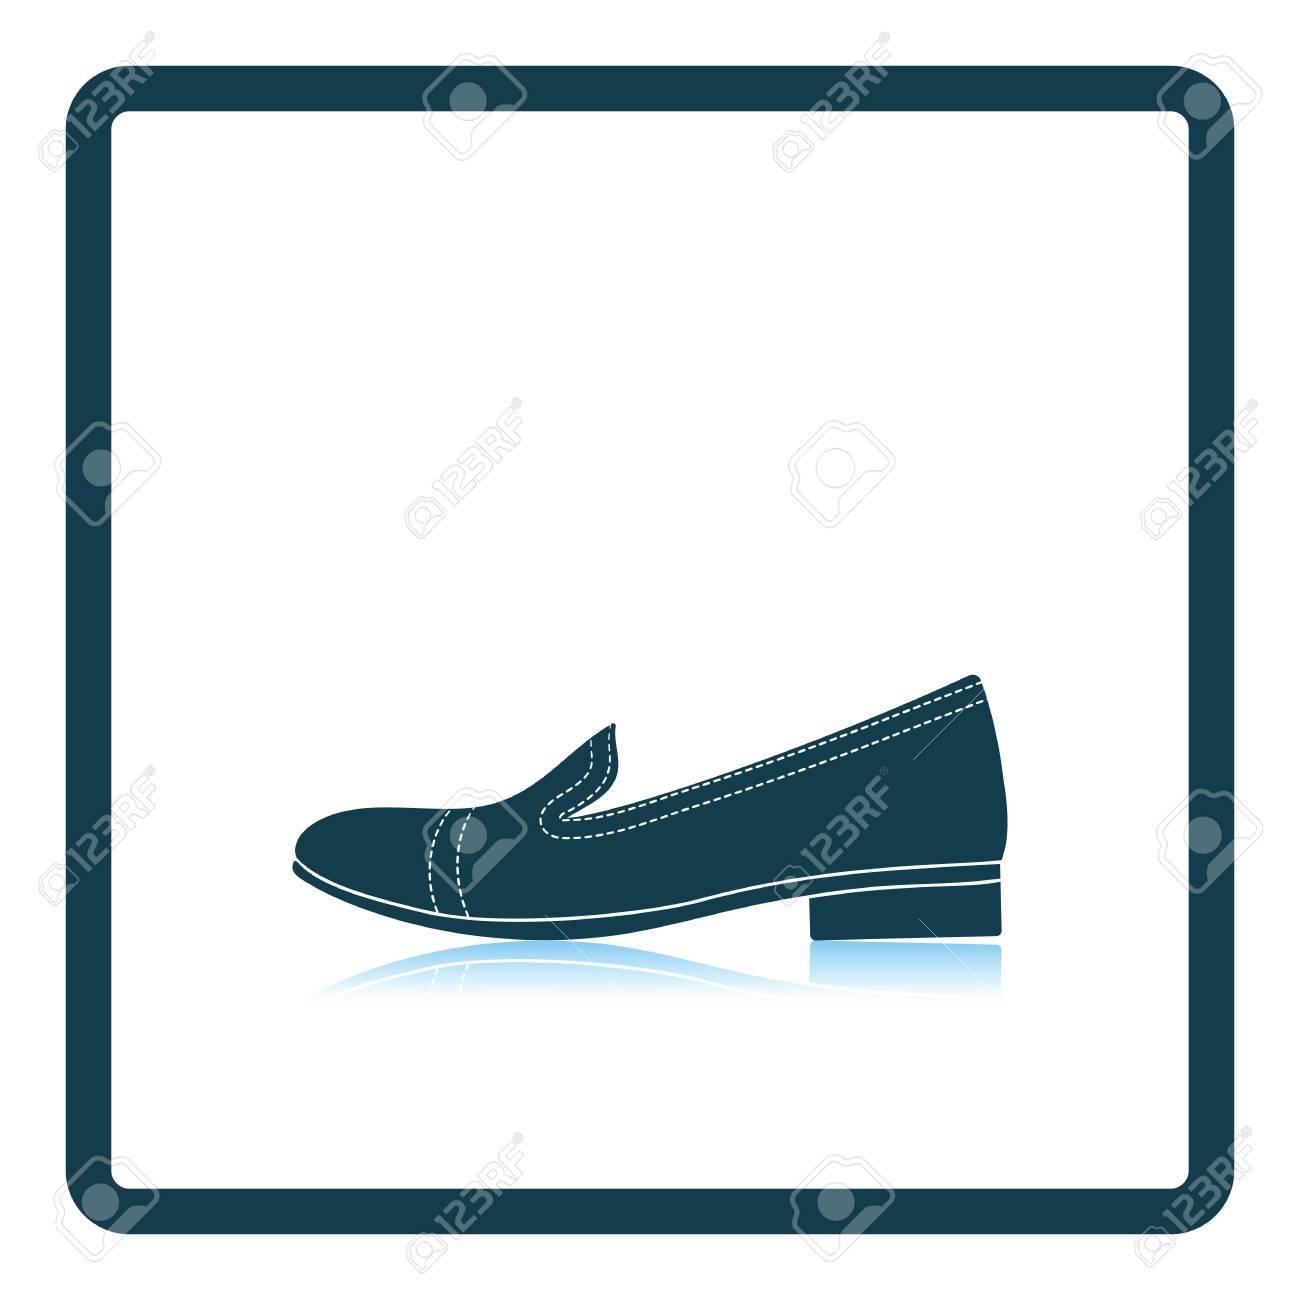 Icono de zapato de tacón mujer. Diseño de reflexión de la sombra. Ilustración vectorial